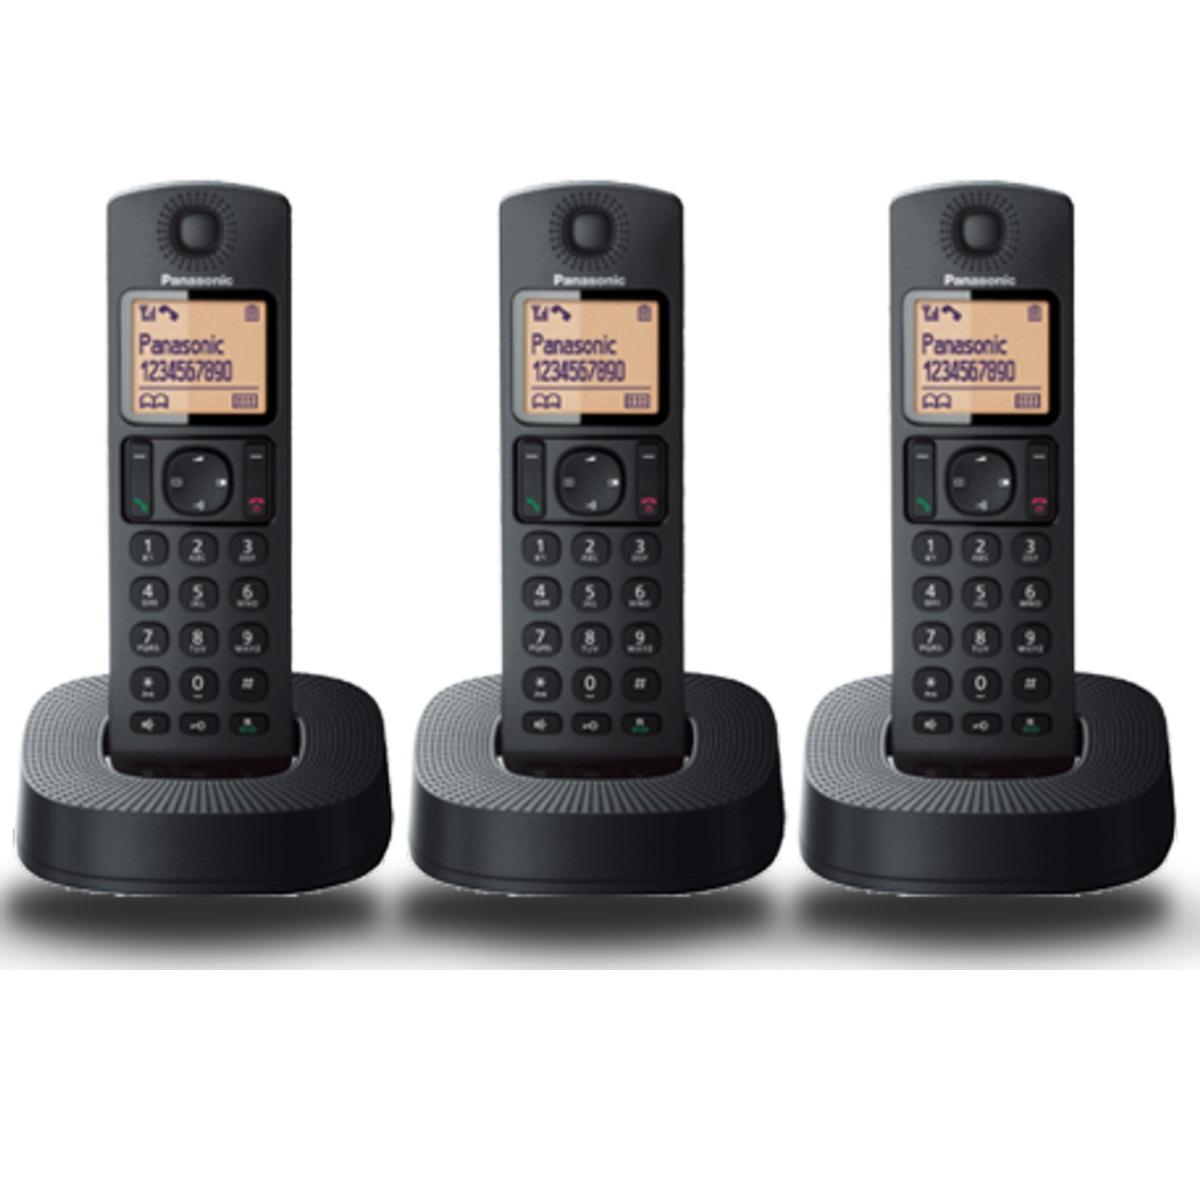 Điện thoại không dây kỹ thuật số DECT Panasonic KX-TGC313 chính hãng